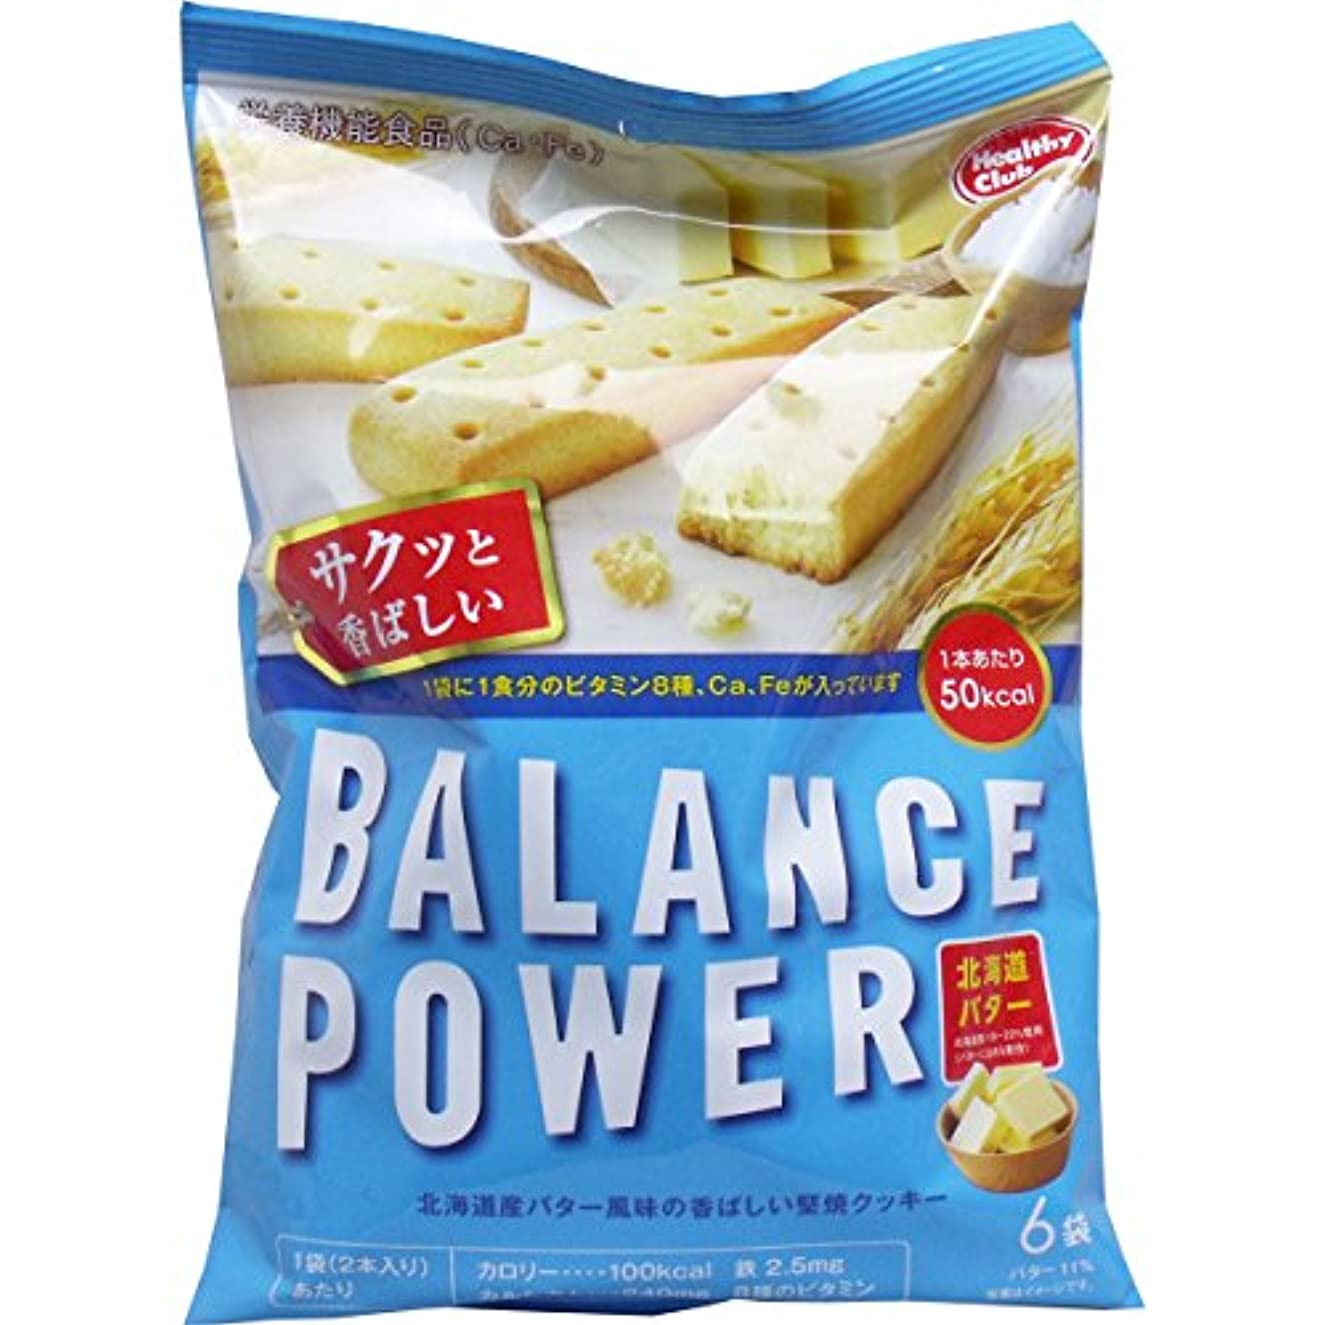 ペルメルグラフィック腐敗したバランスパワー 北海道バター味 6袋(12本)入